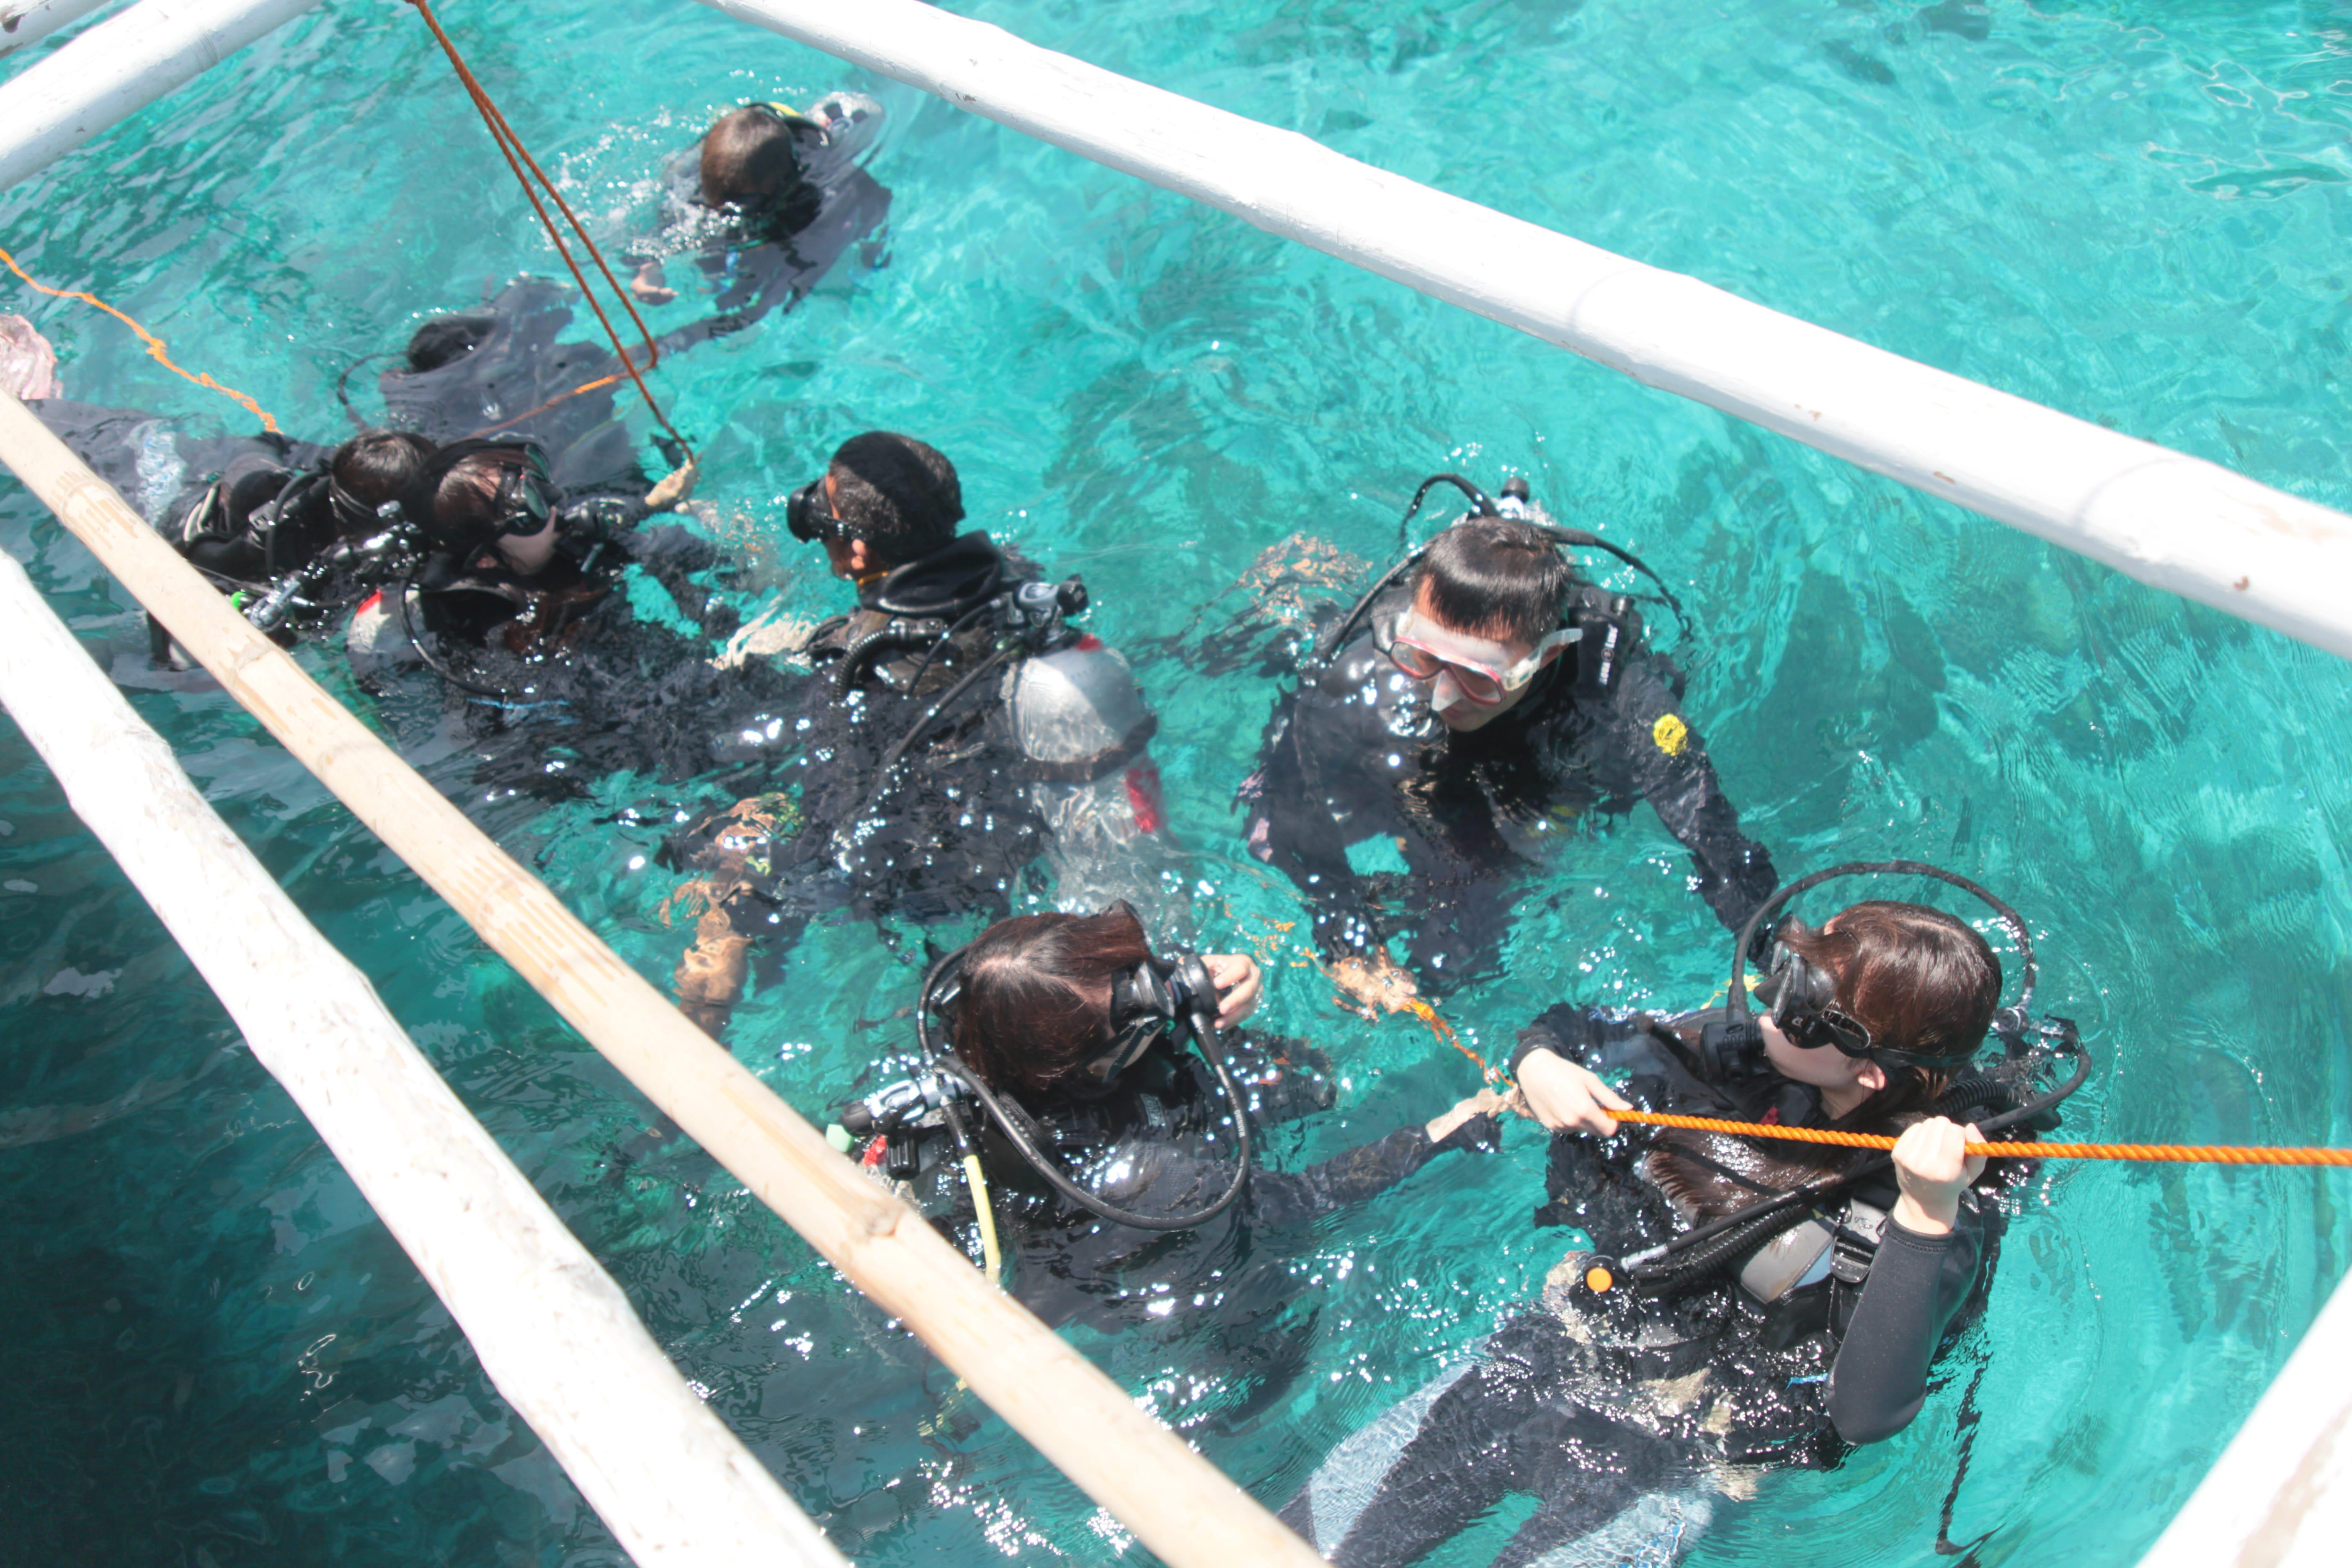 アイランドホッピング パンダノン島 体験ダインビング